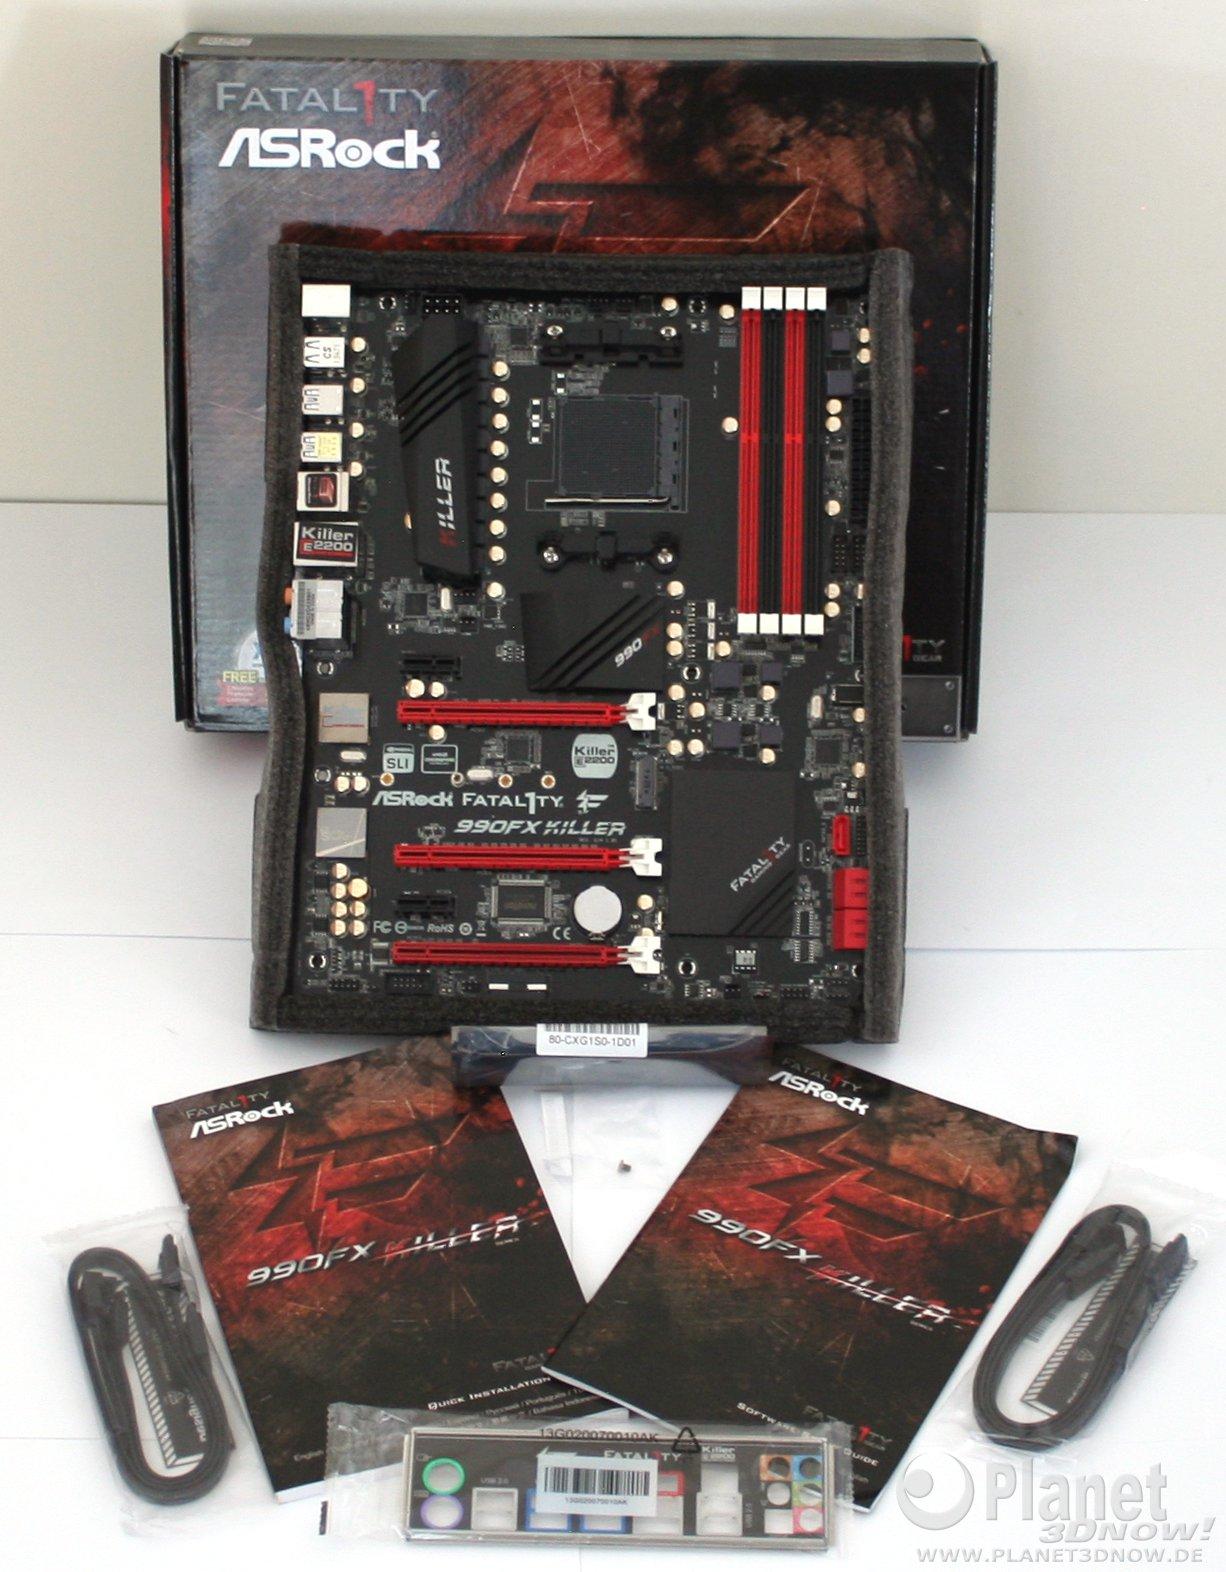 ASRock Fatal1ty 990FX Killer groß Lieferumfang